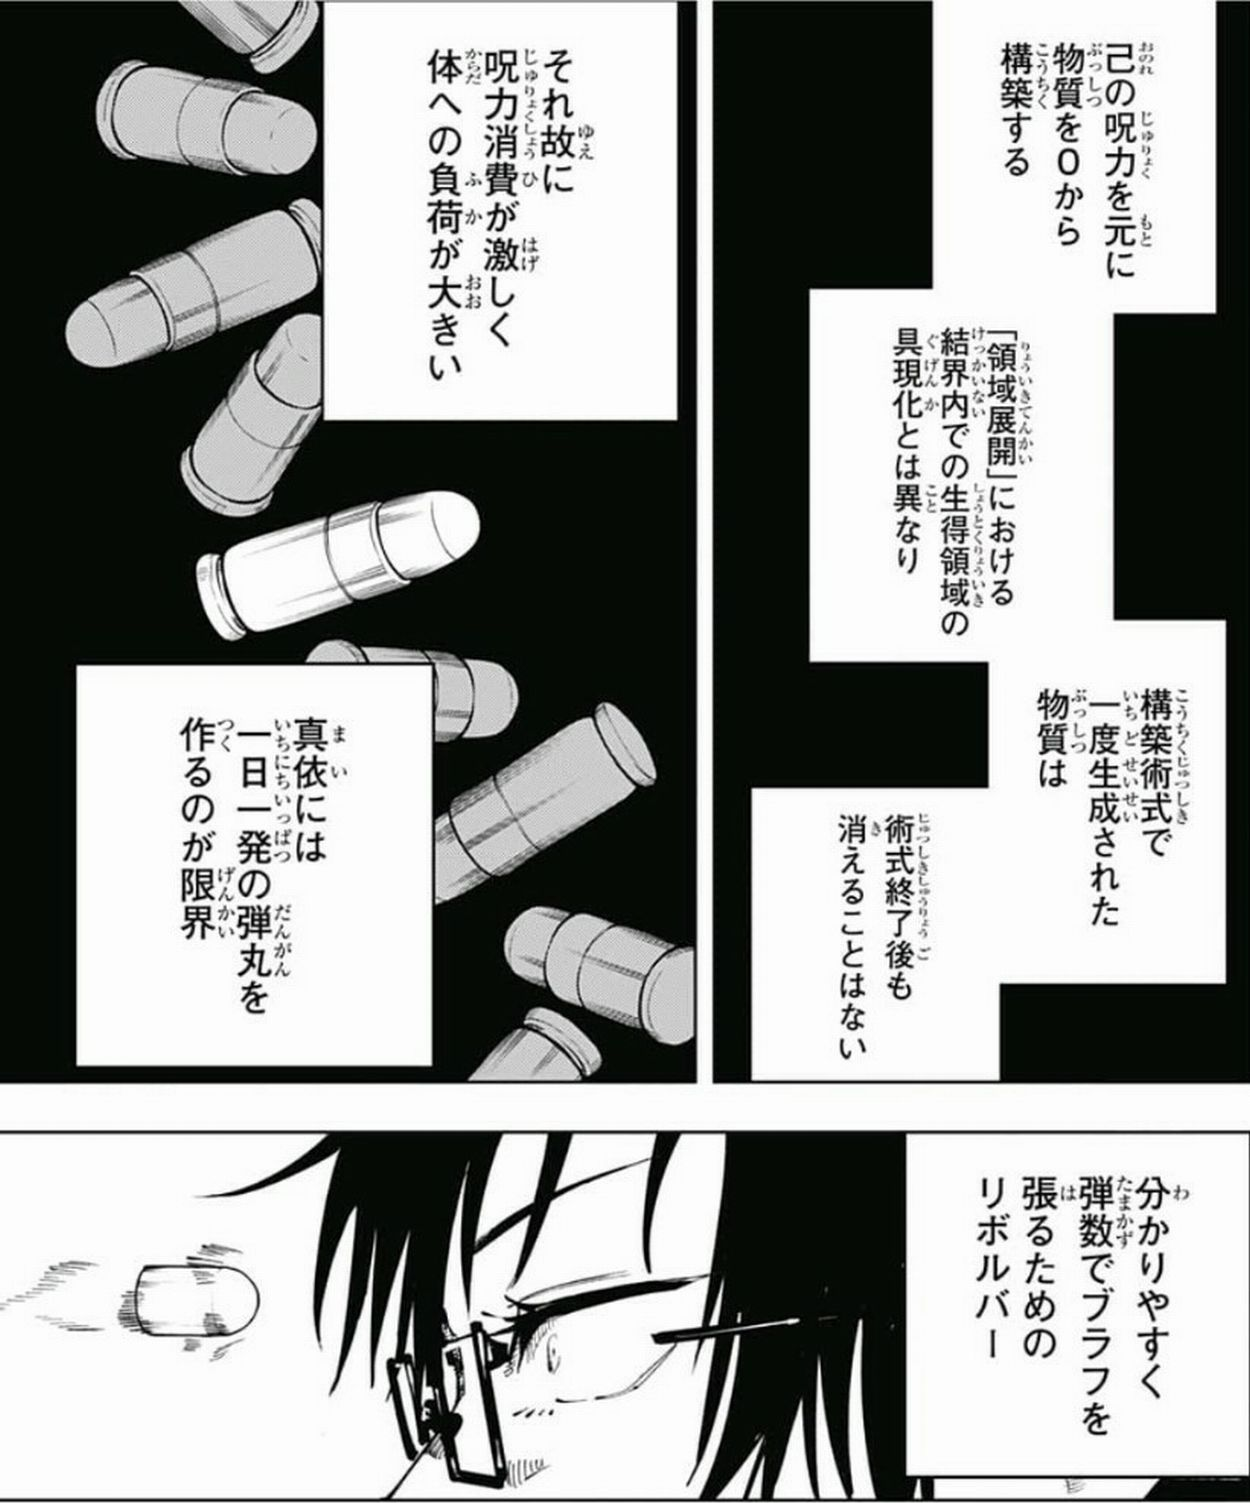 構築術式(こうちくじゅつしき)